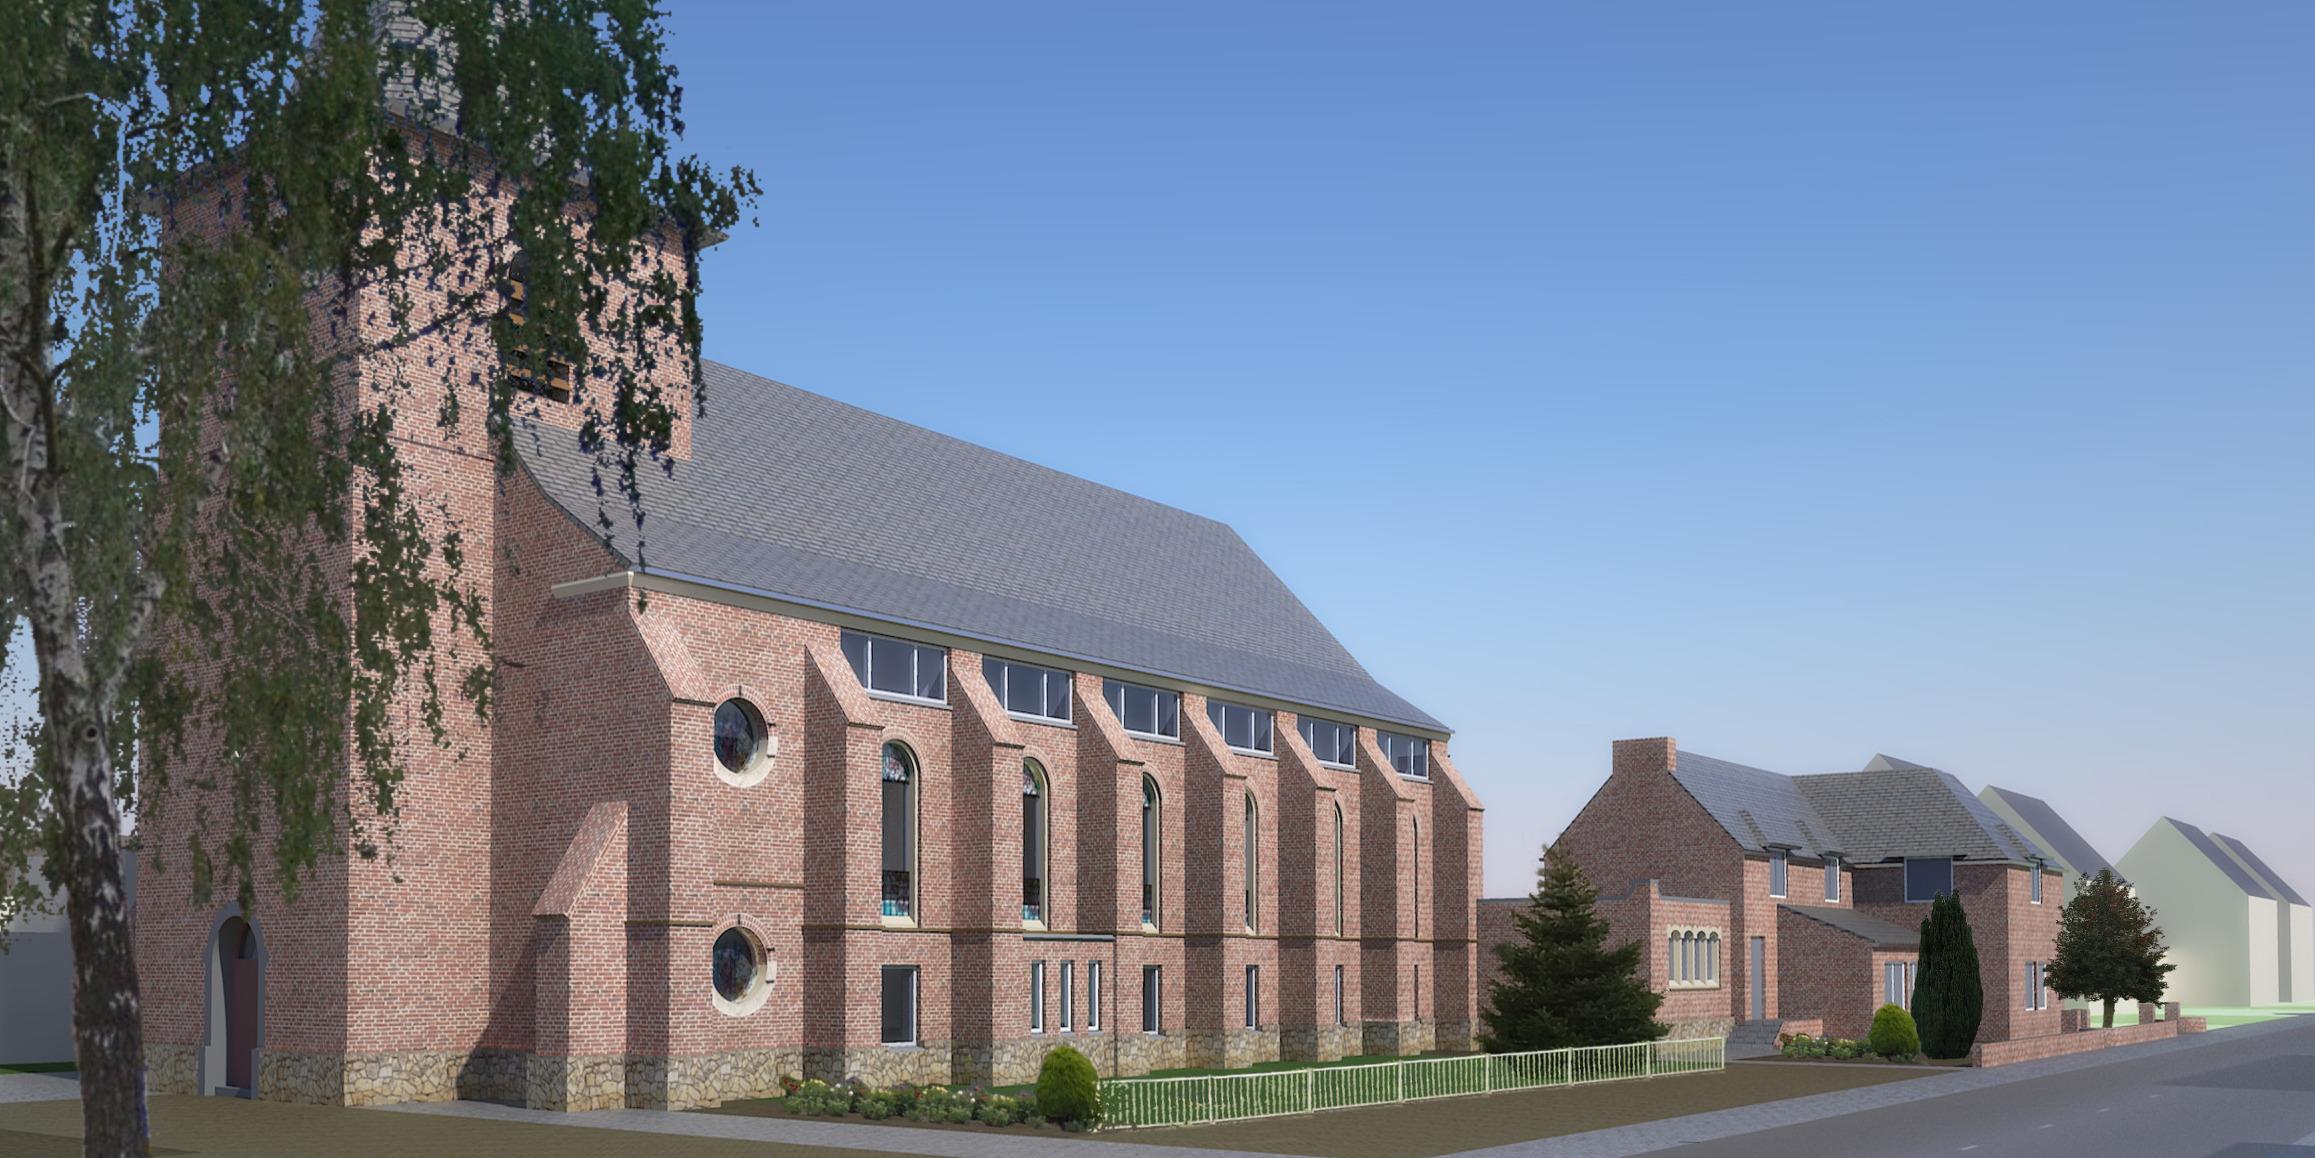 Headafbeelding-Herbestemming-Bernadettekerk-Landgraaf-BEELEN-CS-architecten-Eindhoven-Thalliagroep-Weert